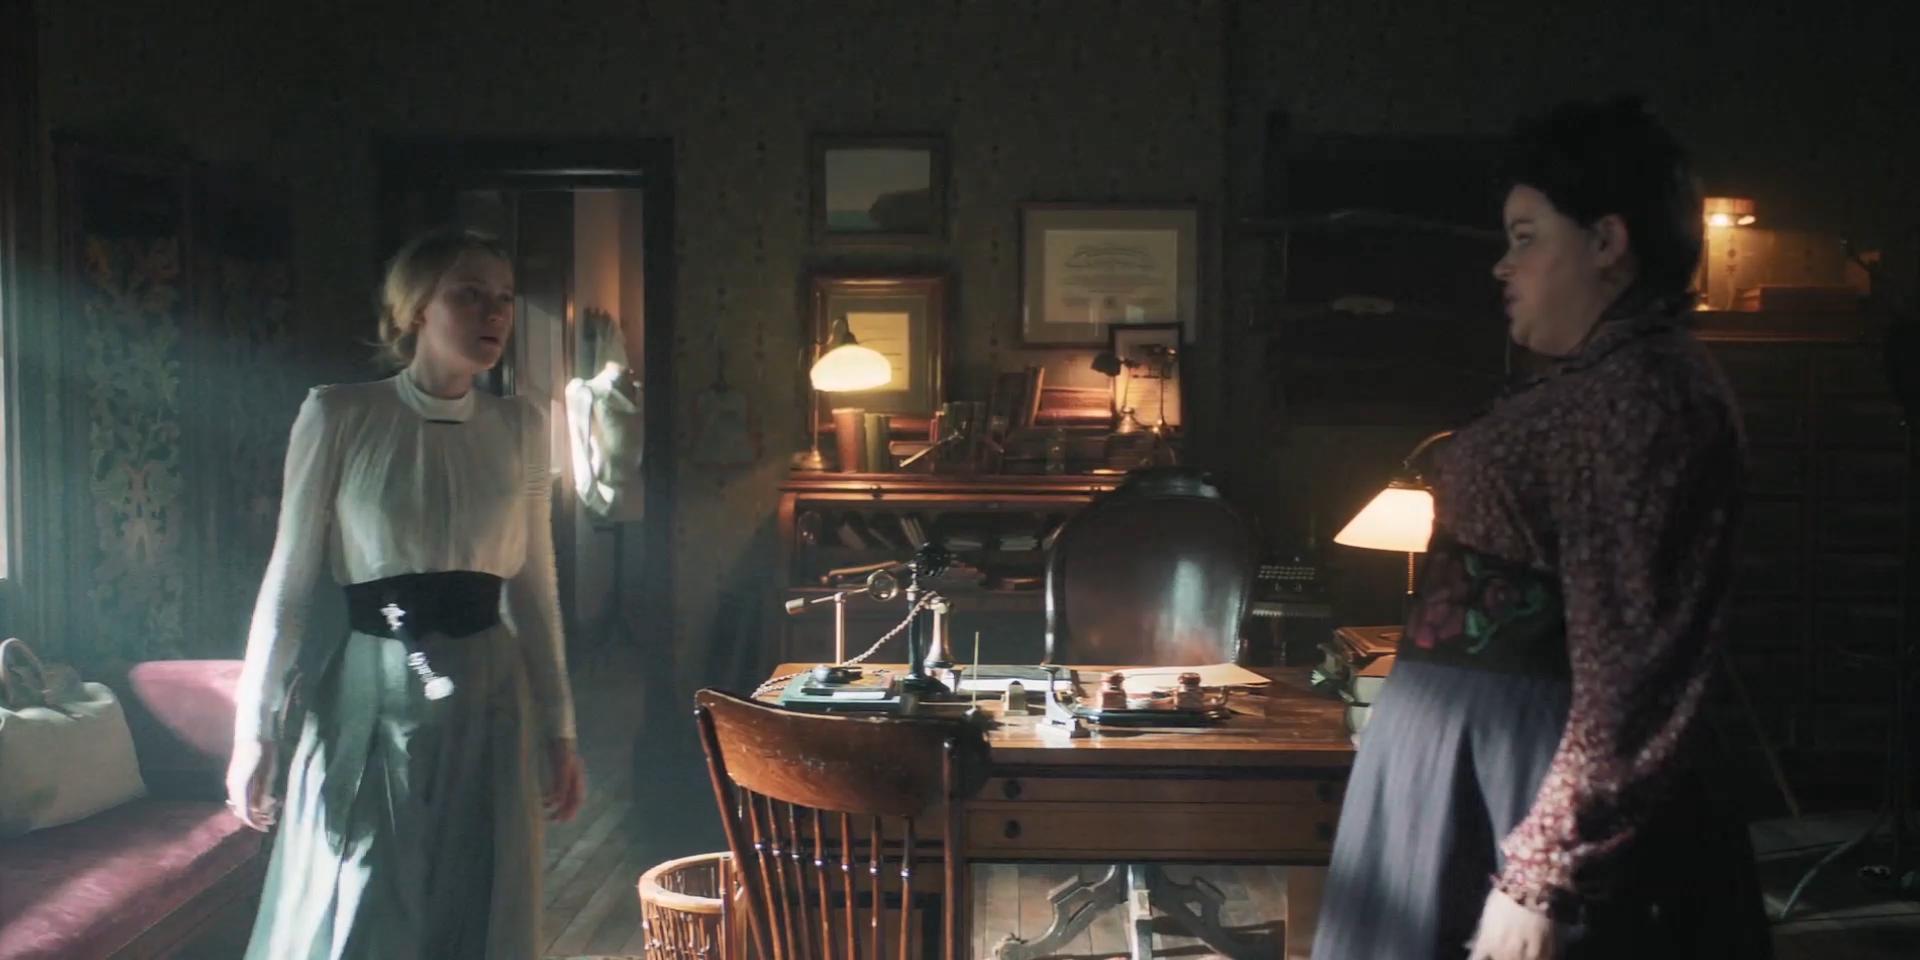 Изображение для Алиенист / The Alienist, Сезон 2, Серии 1-8 из 8 (2020) WEB-DLRip 1080p (кликните для просмотра полного изображения)